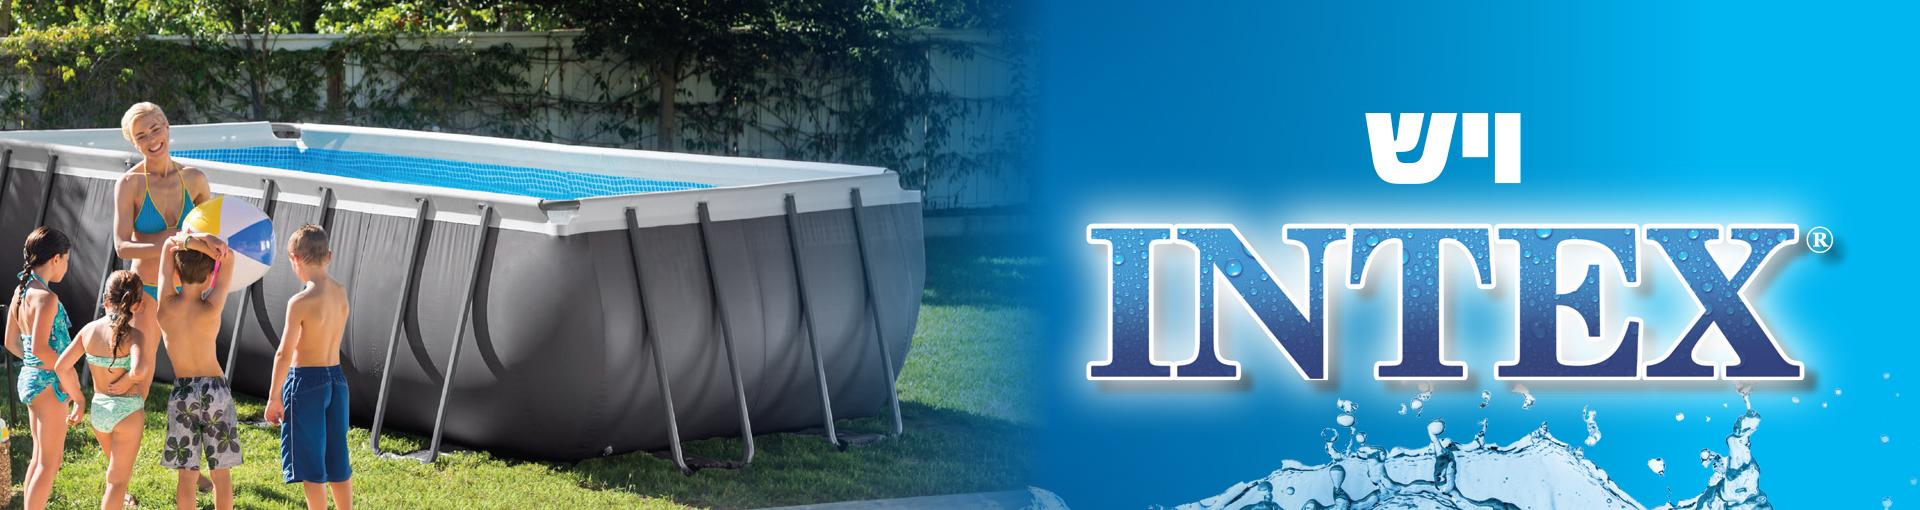 הוראות חדשות האתר הרשמי של אינטקס ישראל,intex israel, intex spare parts CF-01